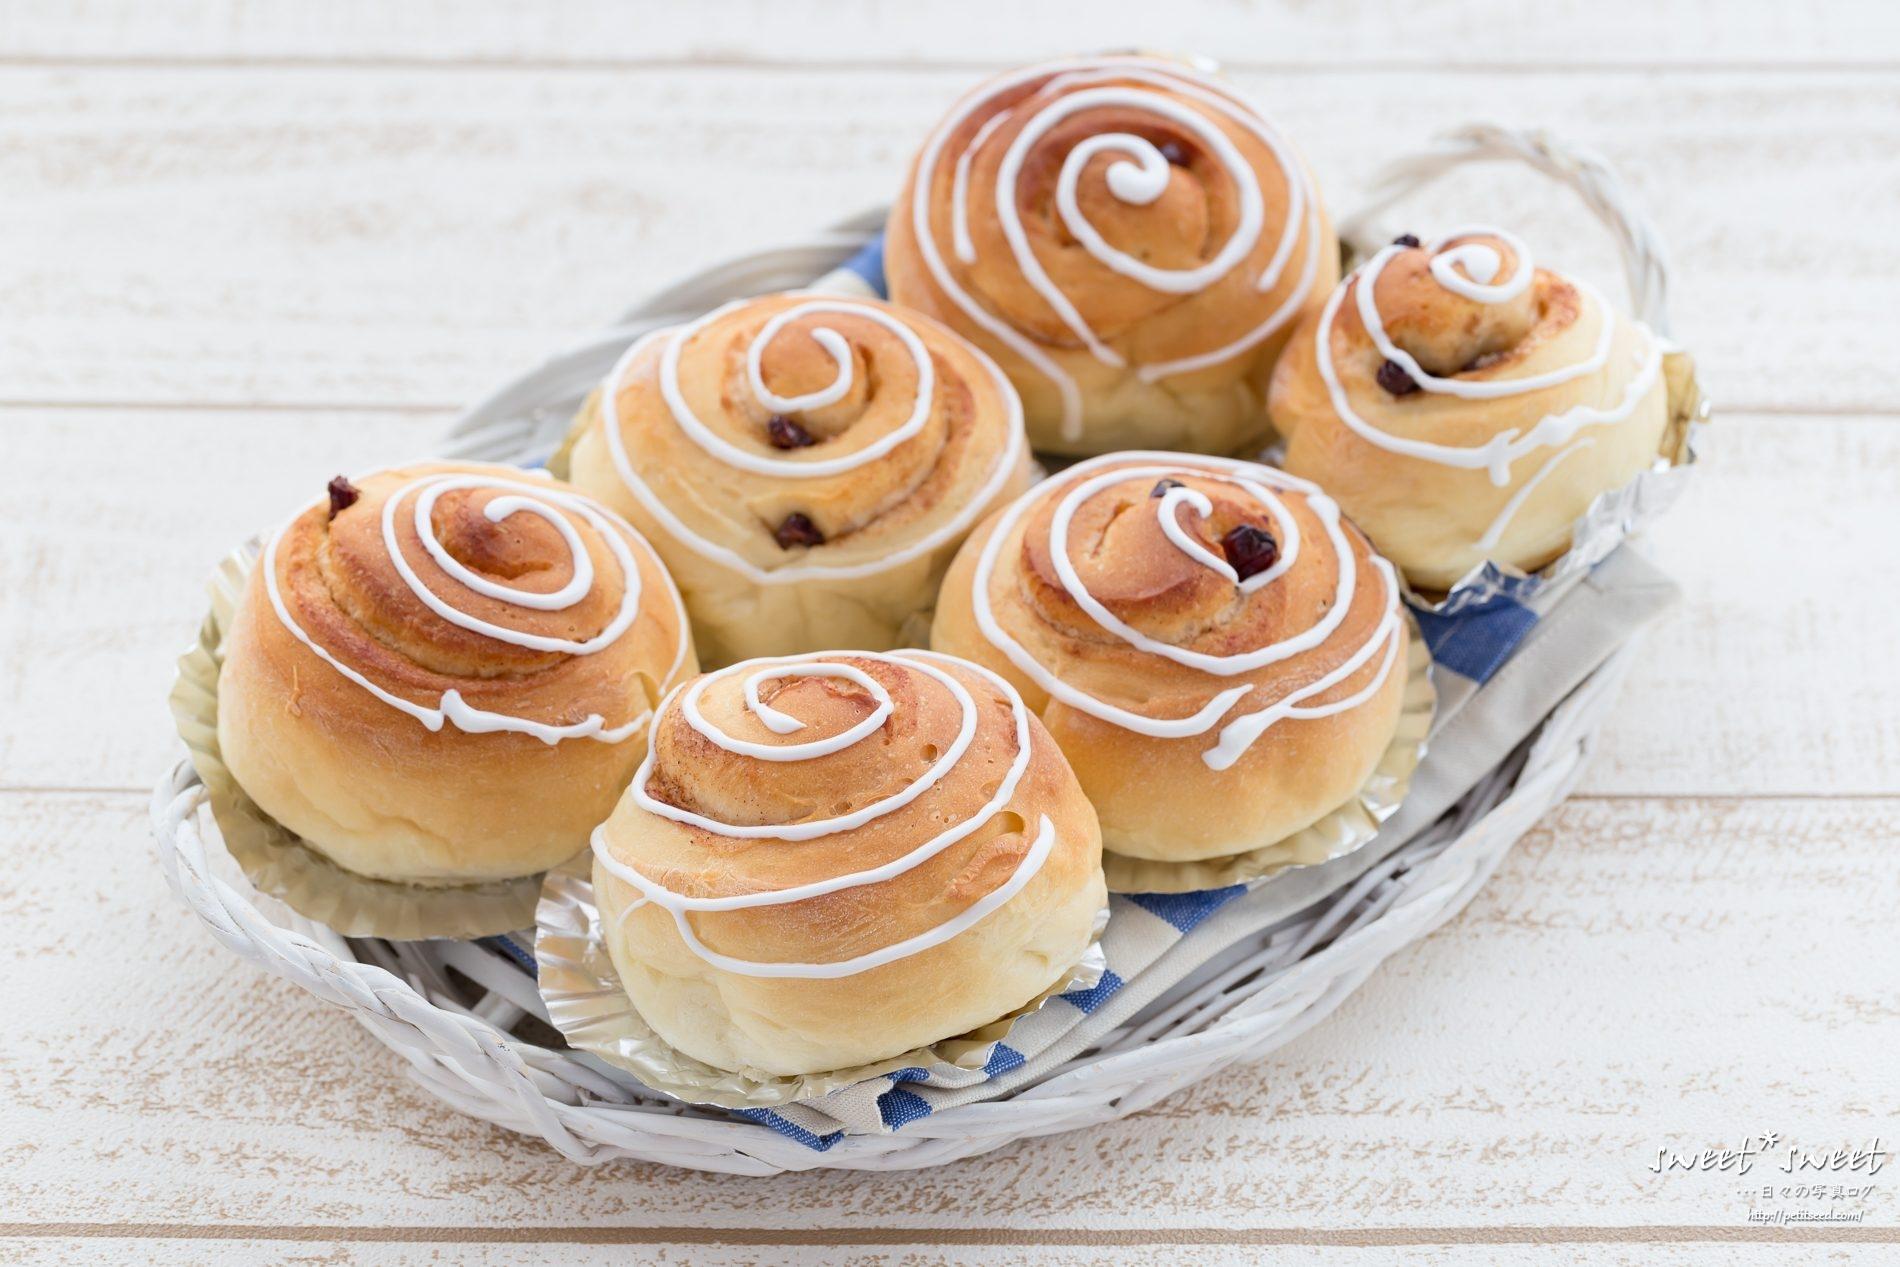 cinnamon roll (シナモンロール)